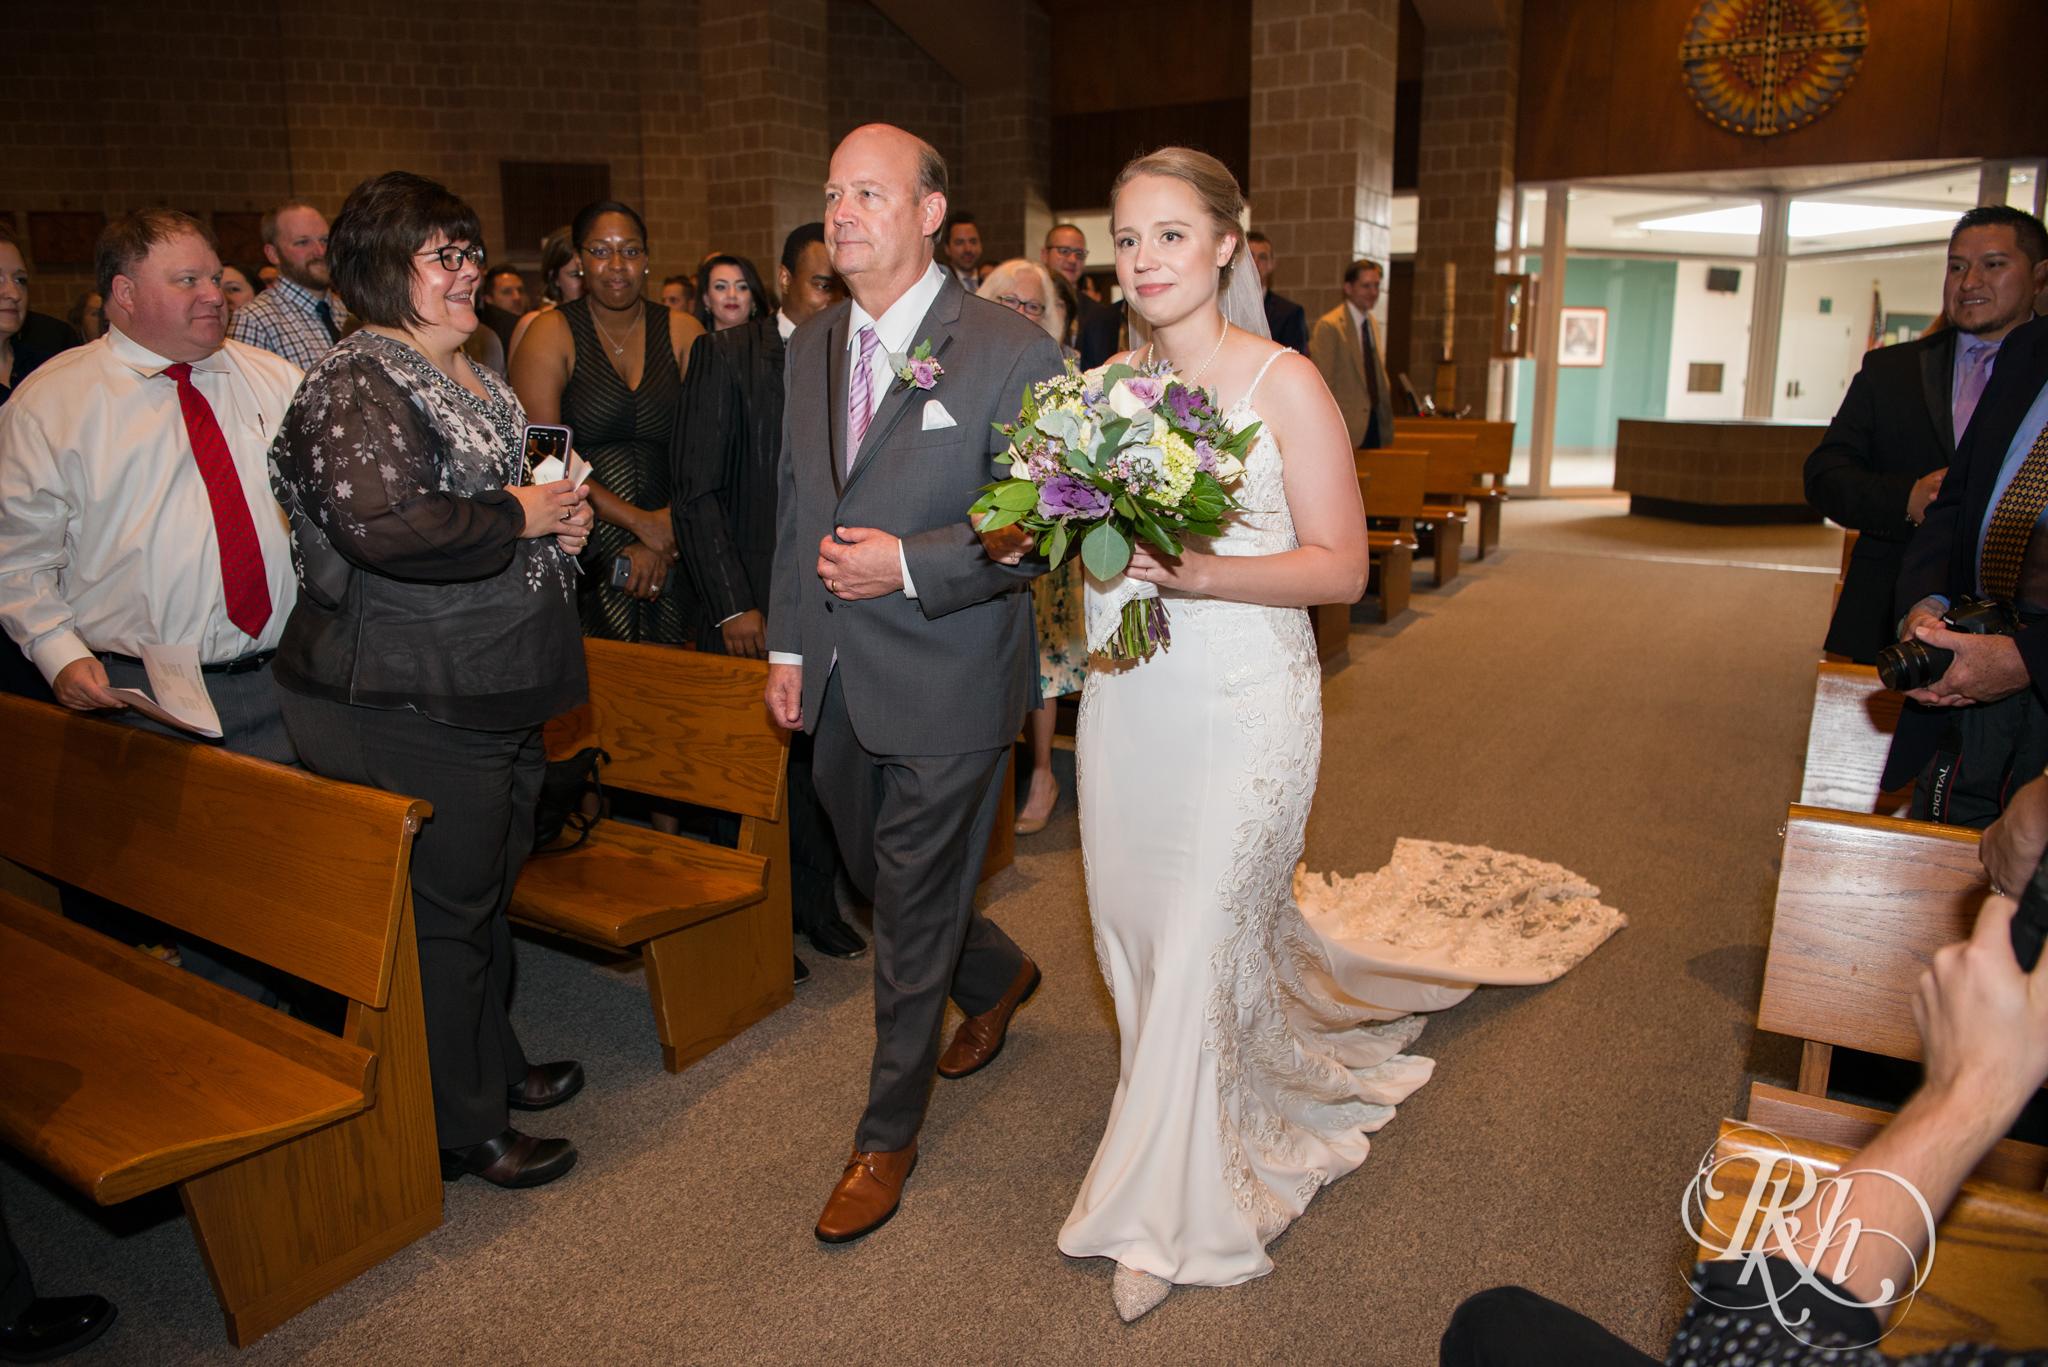 Laura and Adekunle - Minnesota Wedding Photographer - Minnesota History Center - RKH Images - Blog (14 of 75).jpg